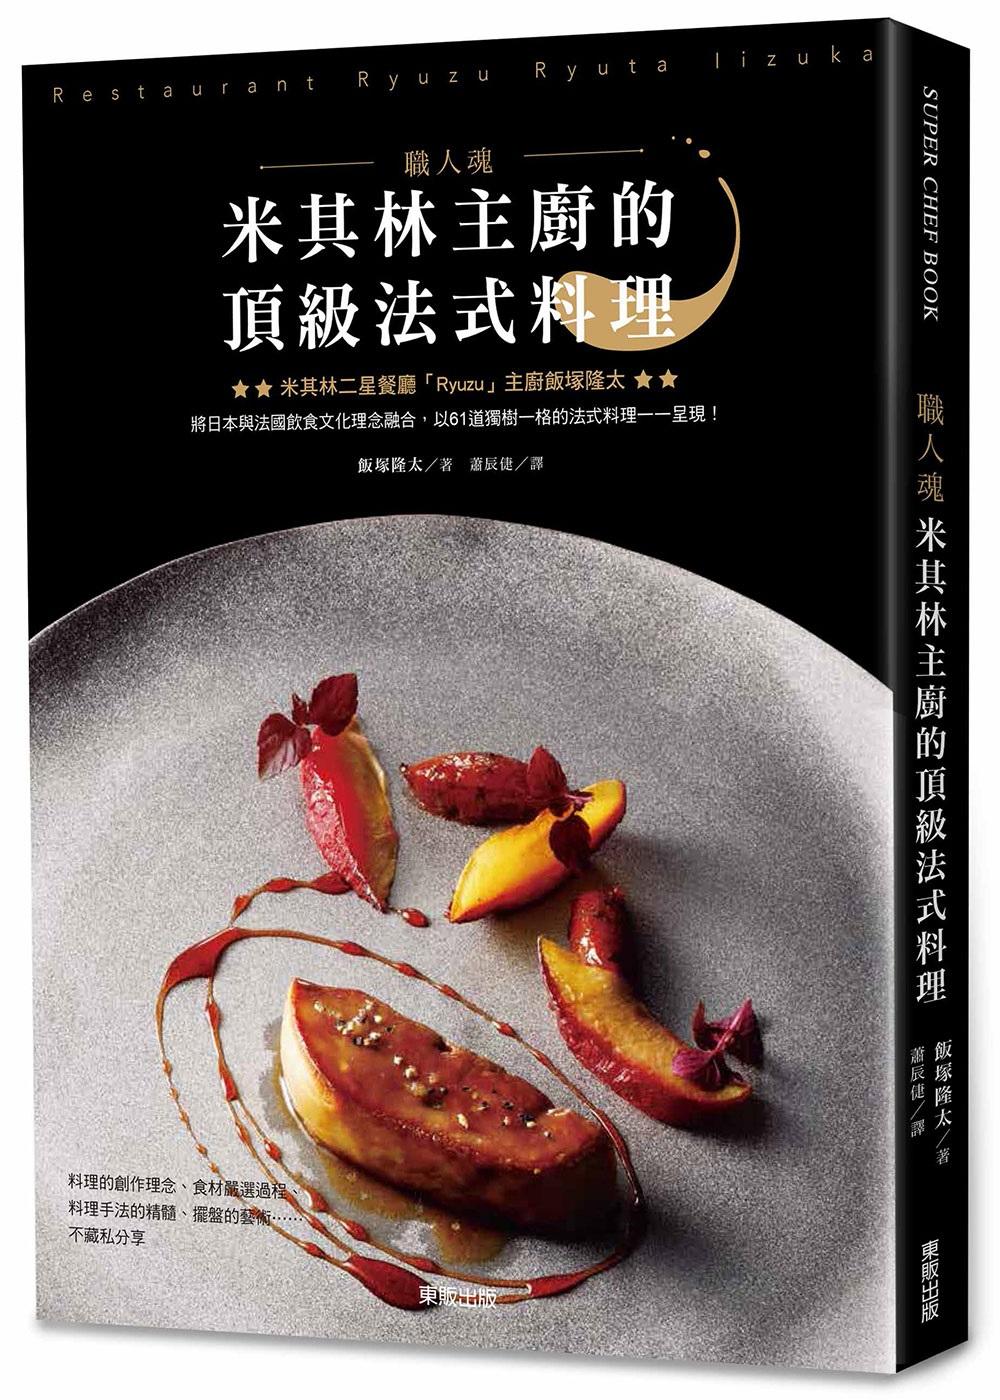 ◤博客來BOOKS◢ 暢銷書榜《推薦》職人魂 米其林主廚的頂級法式料理